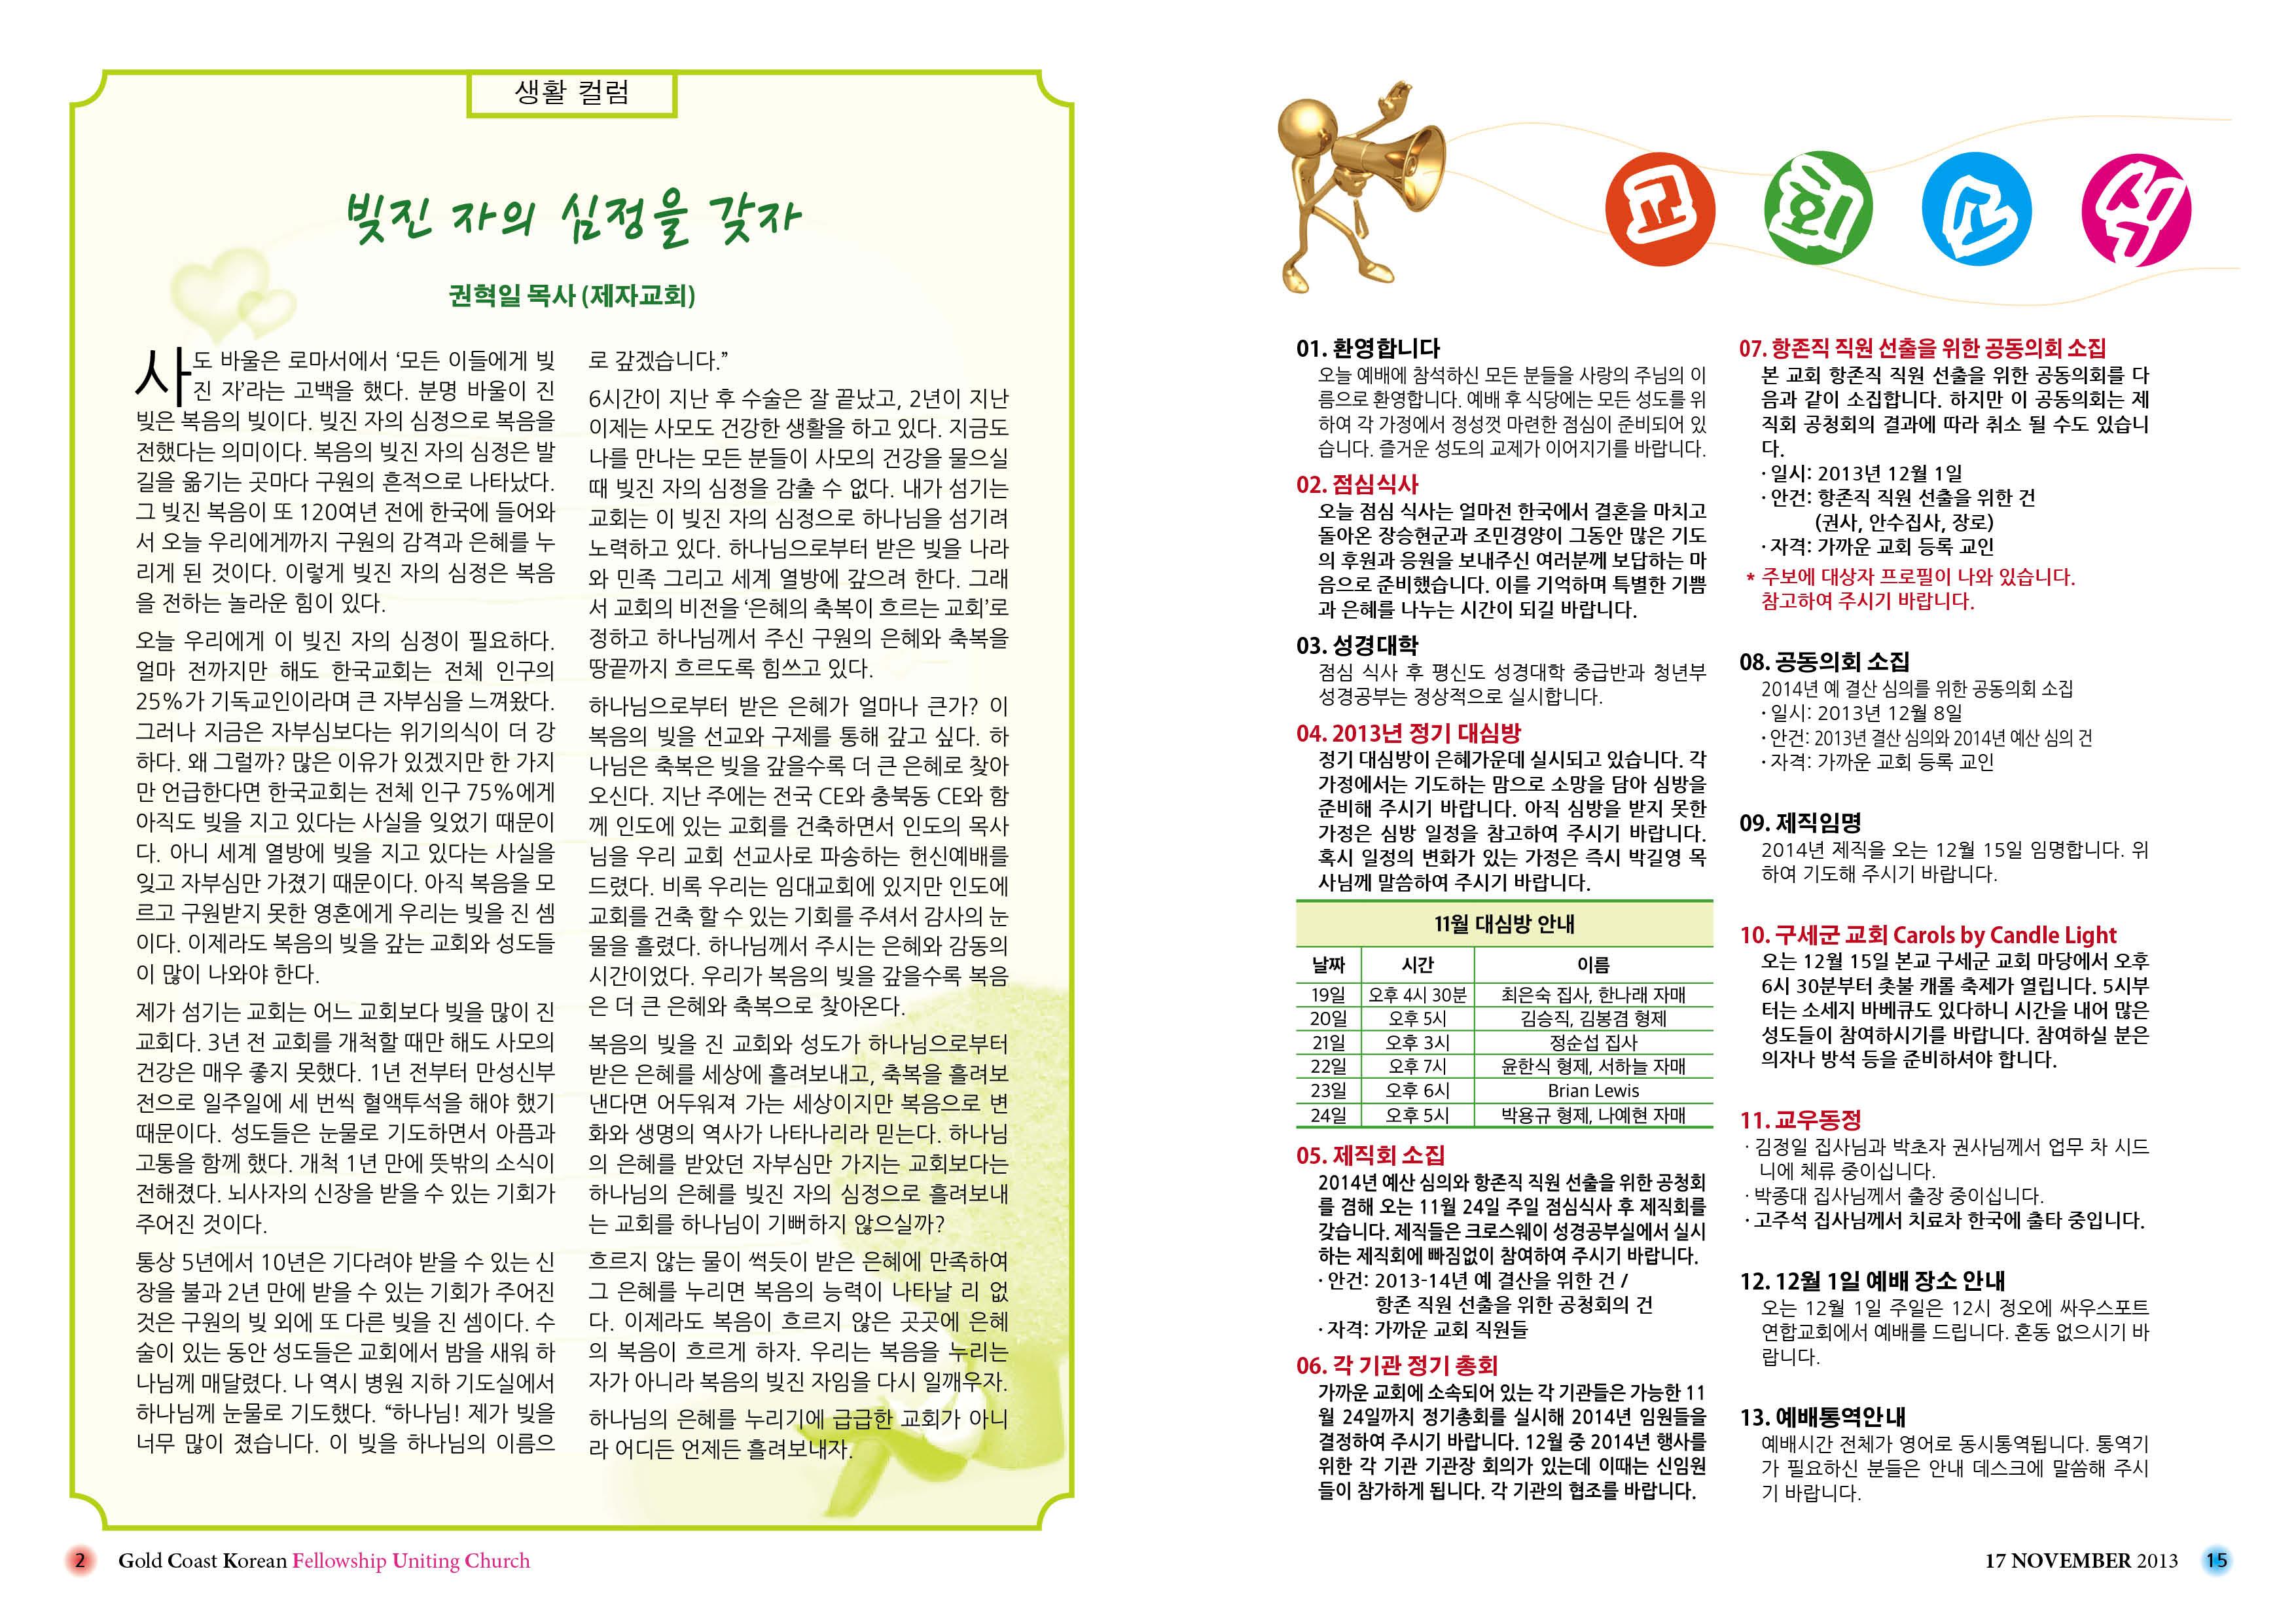 2013.11.17 주보(2차 수정)2.jpg